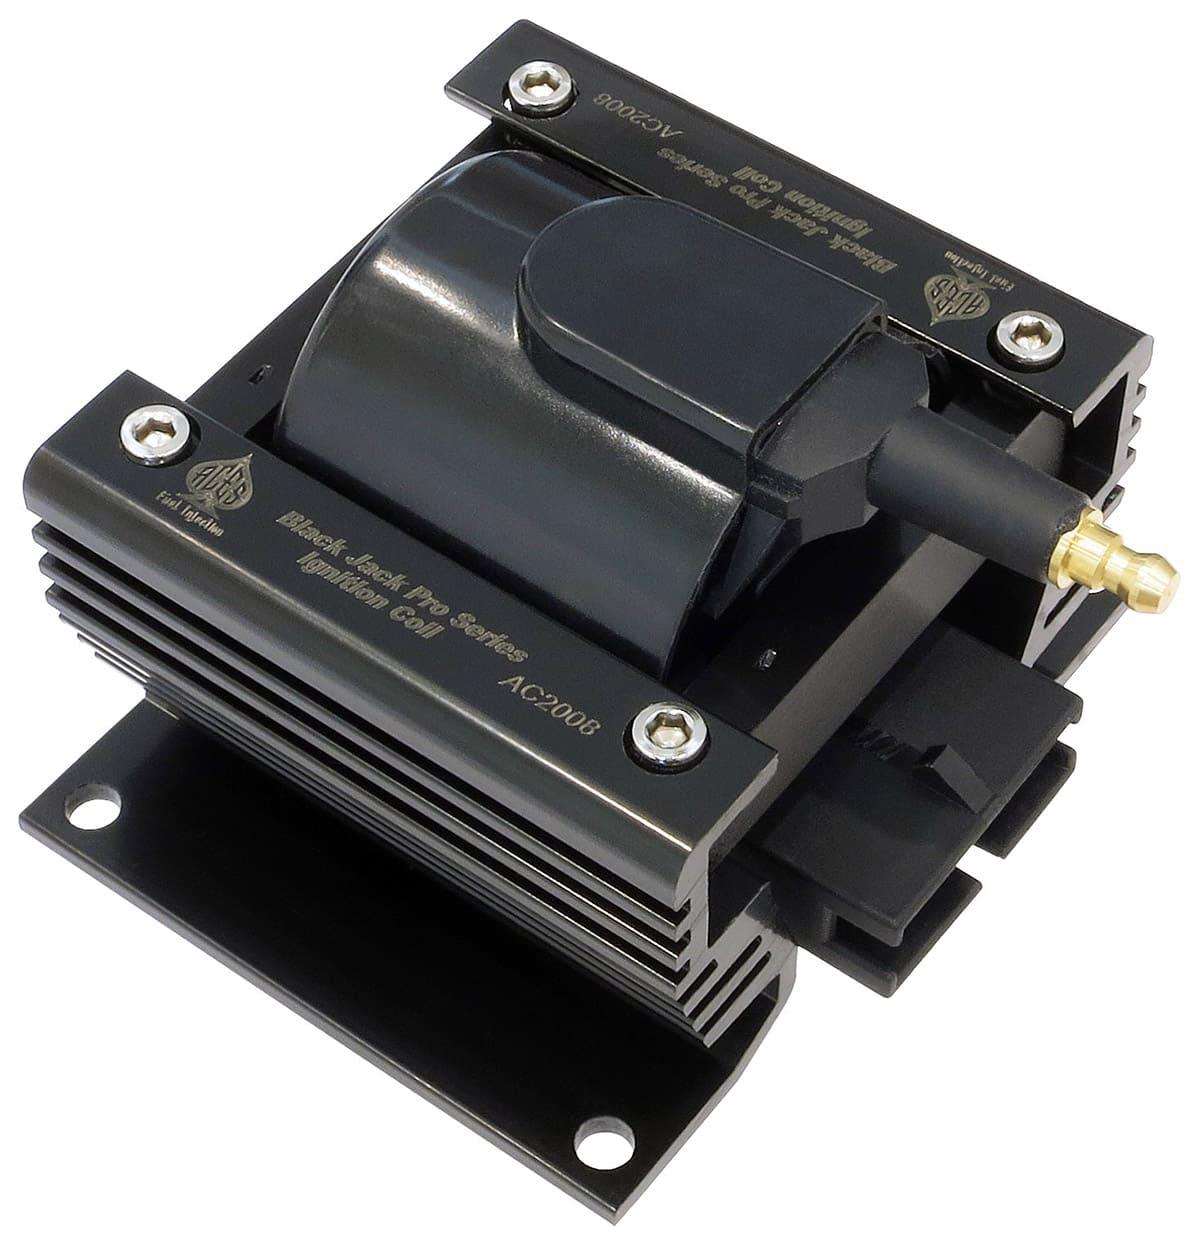 004-acp-2108-parts